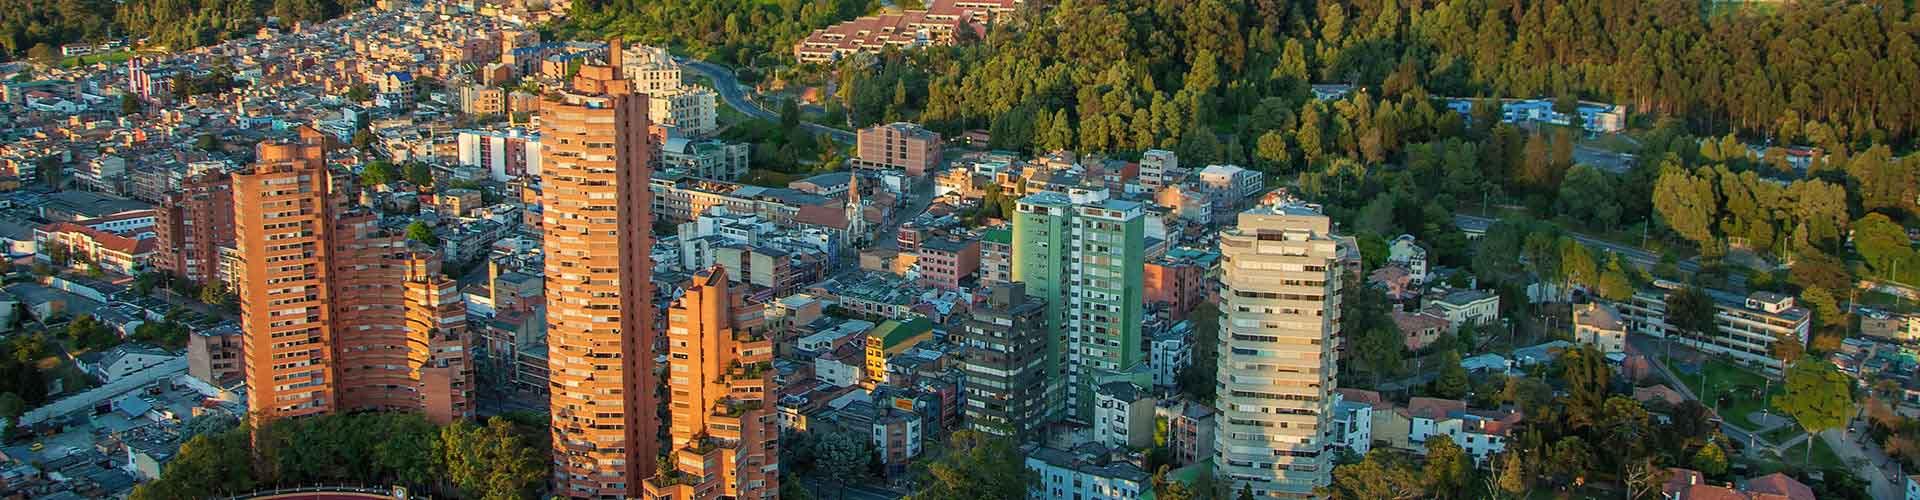 Bogota - Chambres pas chères dans le quartier de Bochica II. Cartes pour Bogota, photos et commentaires pour chaque chambre à Bogota.